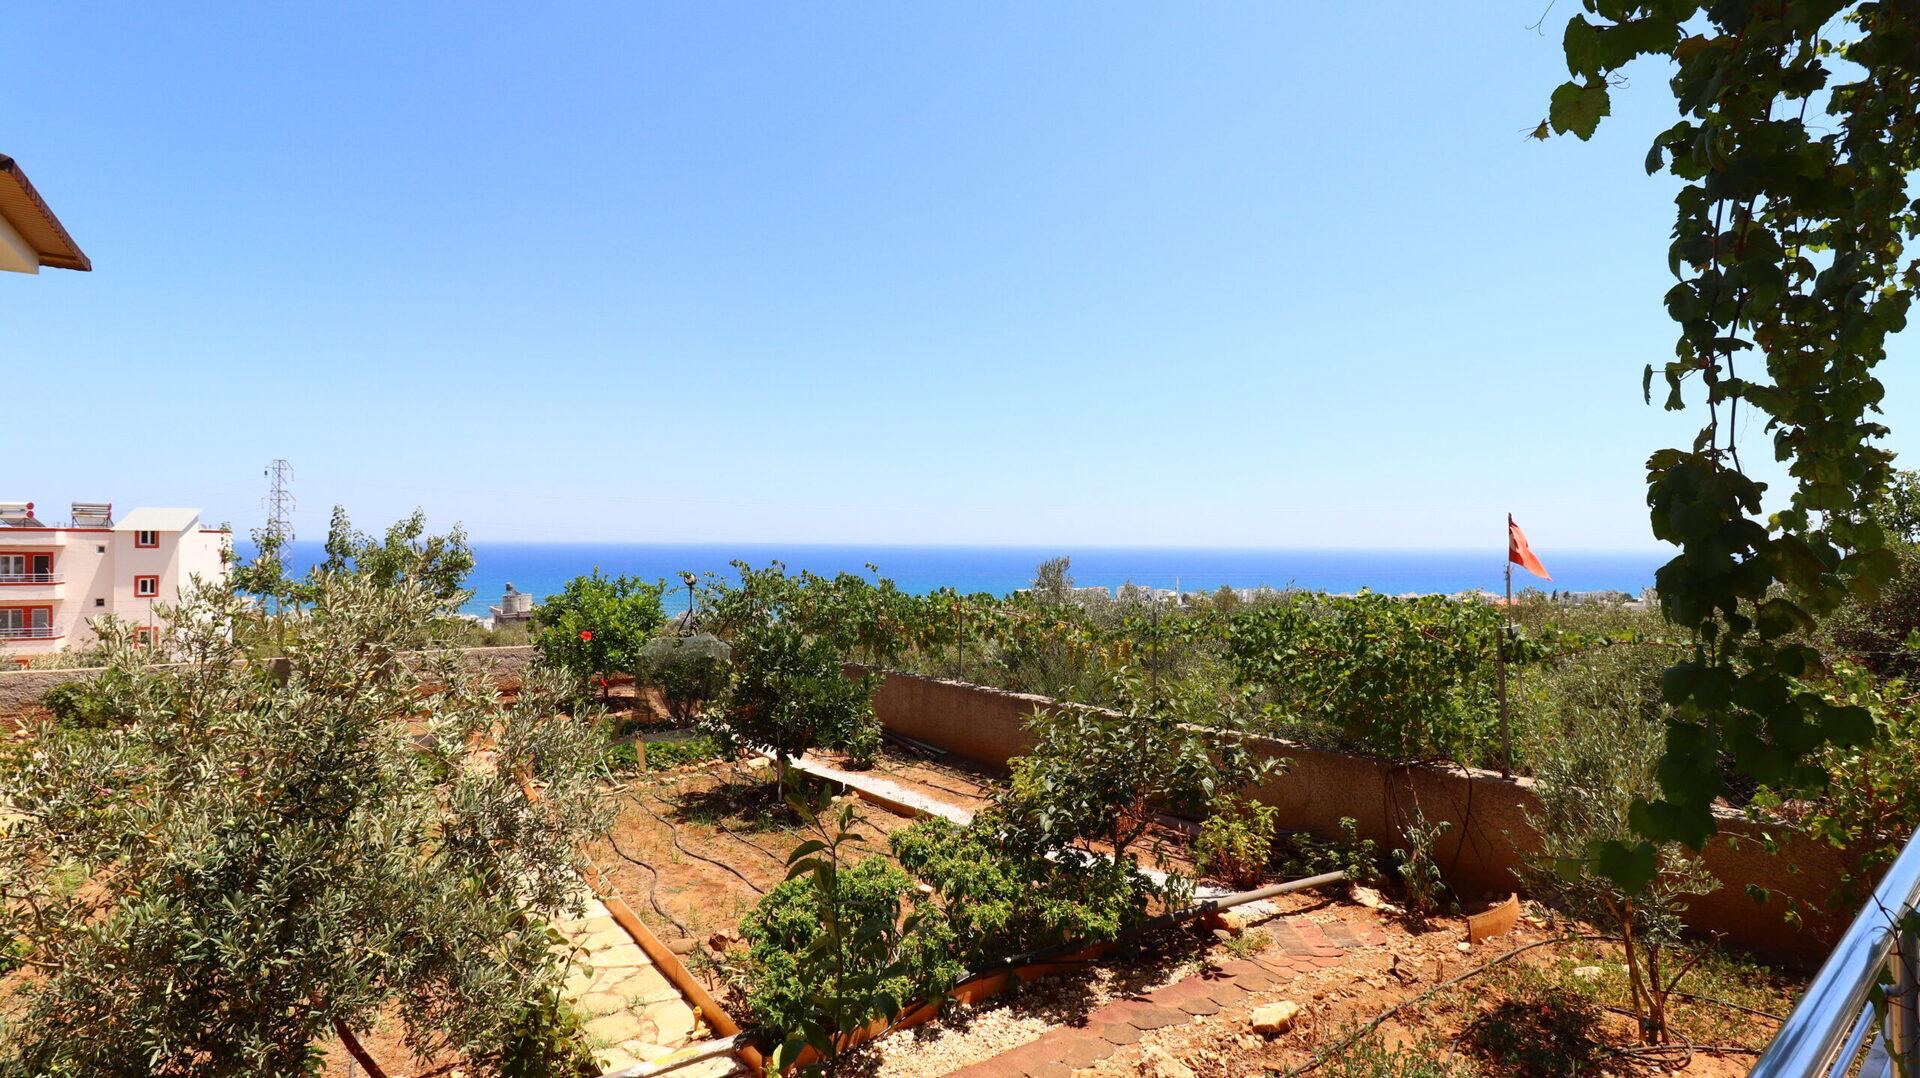 Die Kumkuyu Sea View Villa ist eine unabhängige Villa, die aus 2 Villen auf 1 Hektar besteht